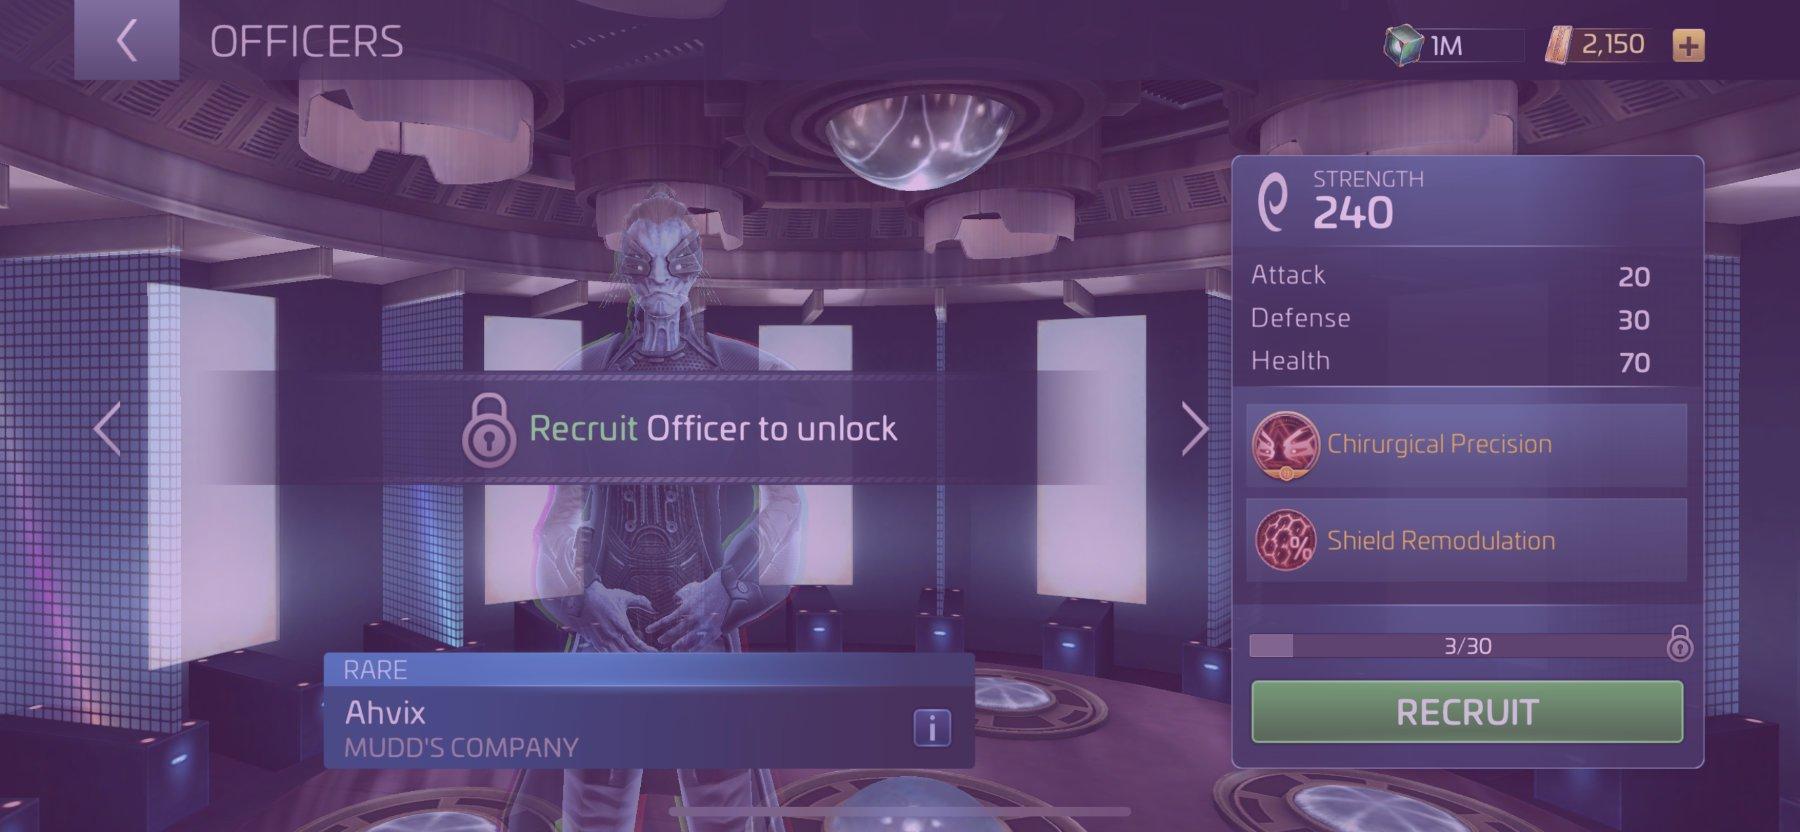 Officer Ahvix